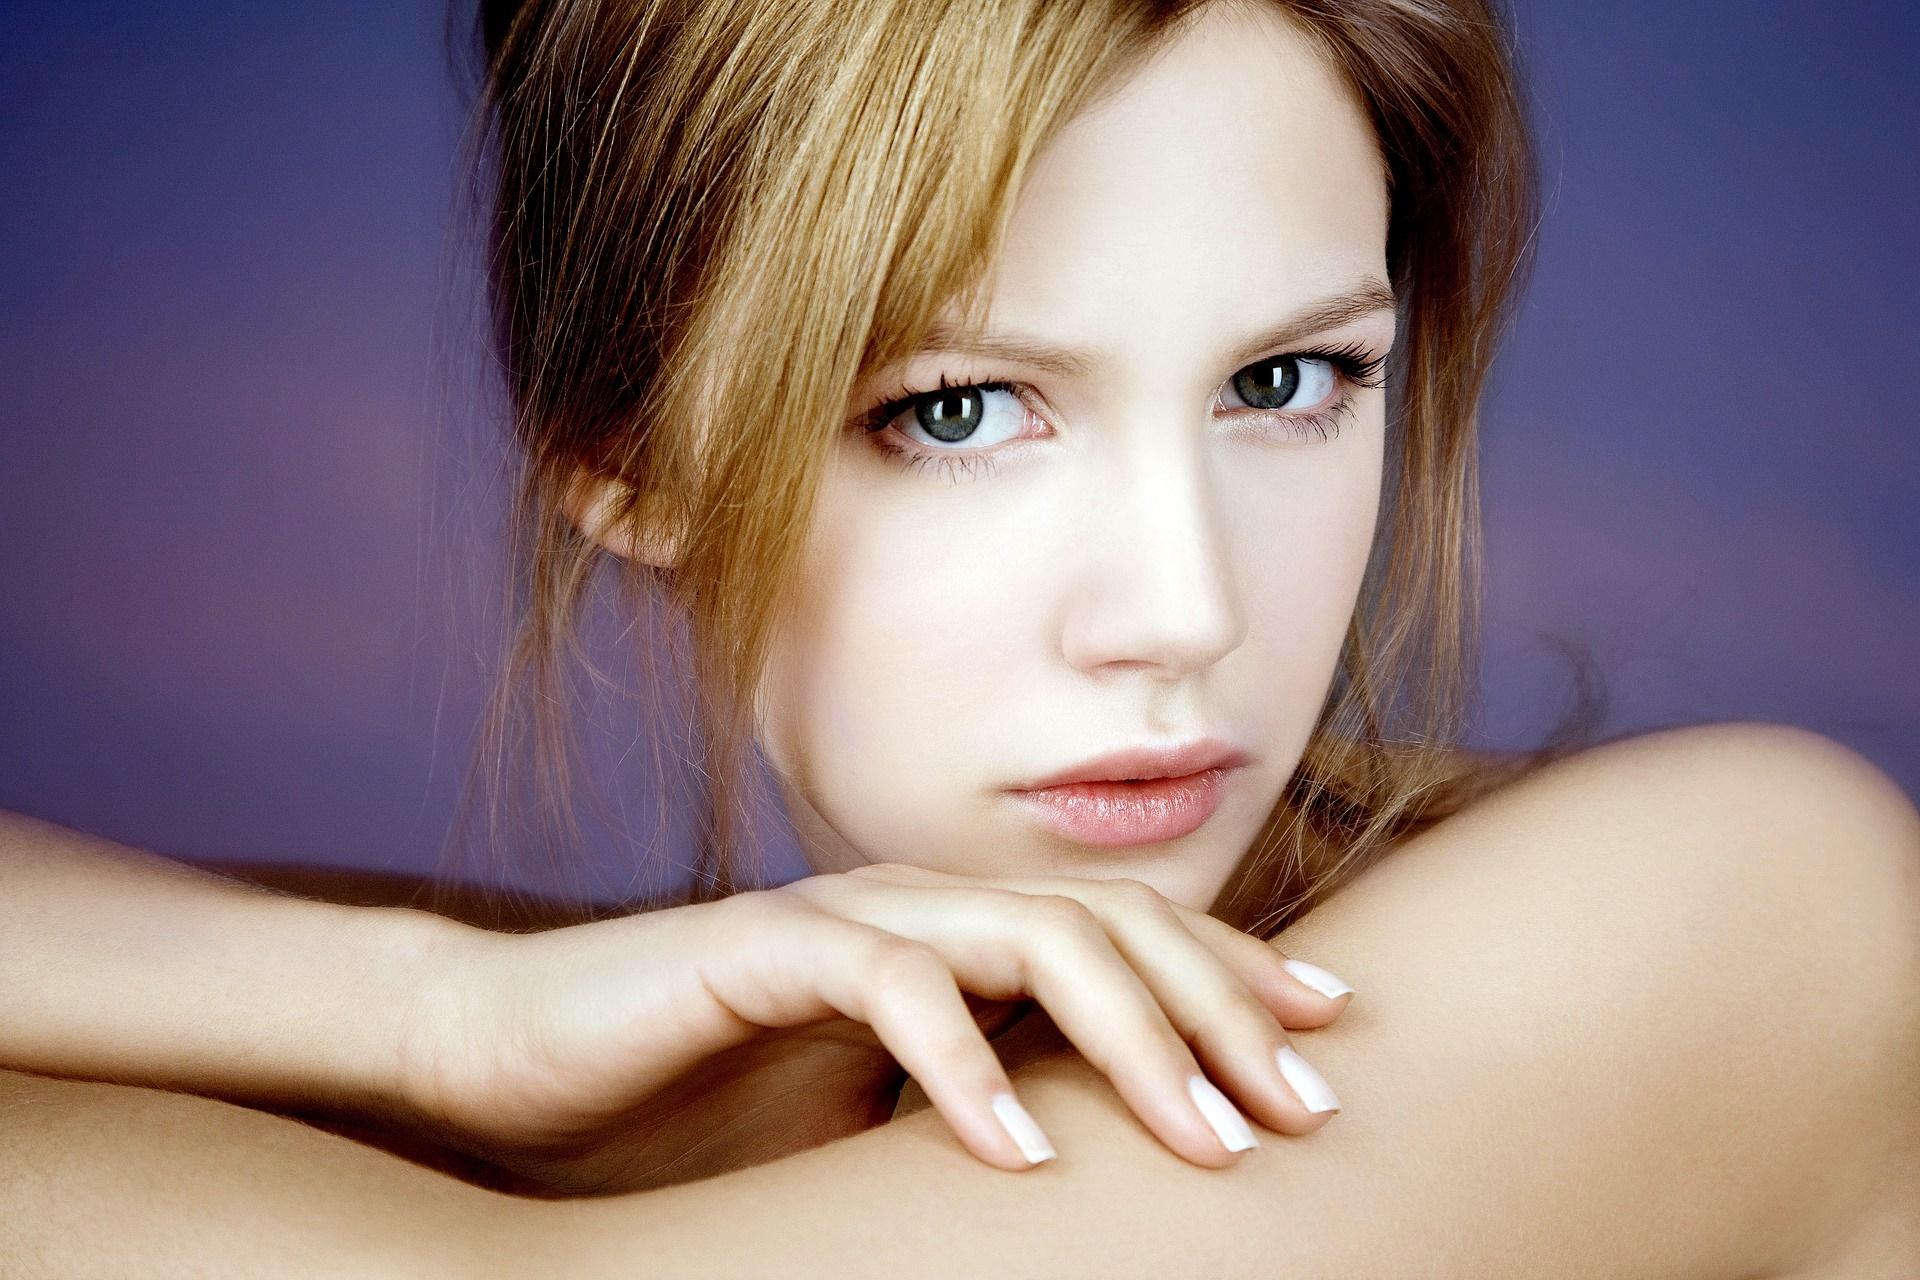 jak poprawić wygląd cery, starzenie się skóry powód, jak opóźnić proces starzenia skóry?